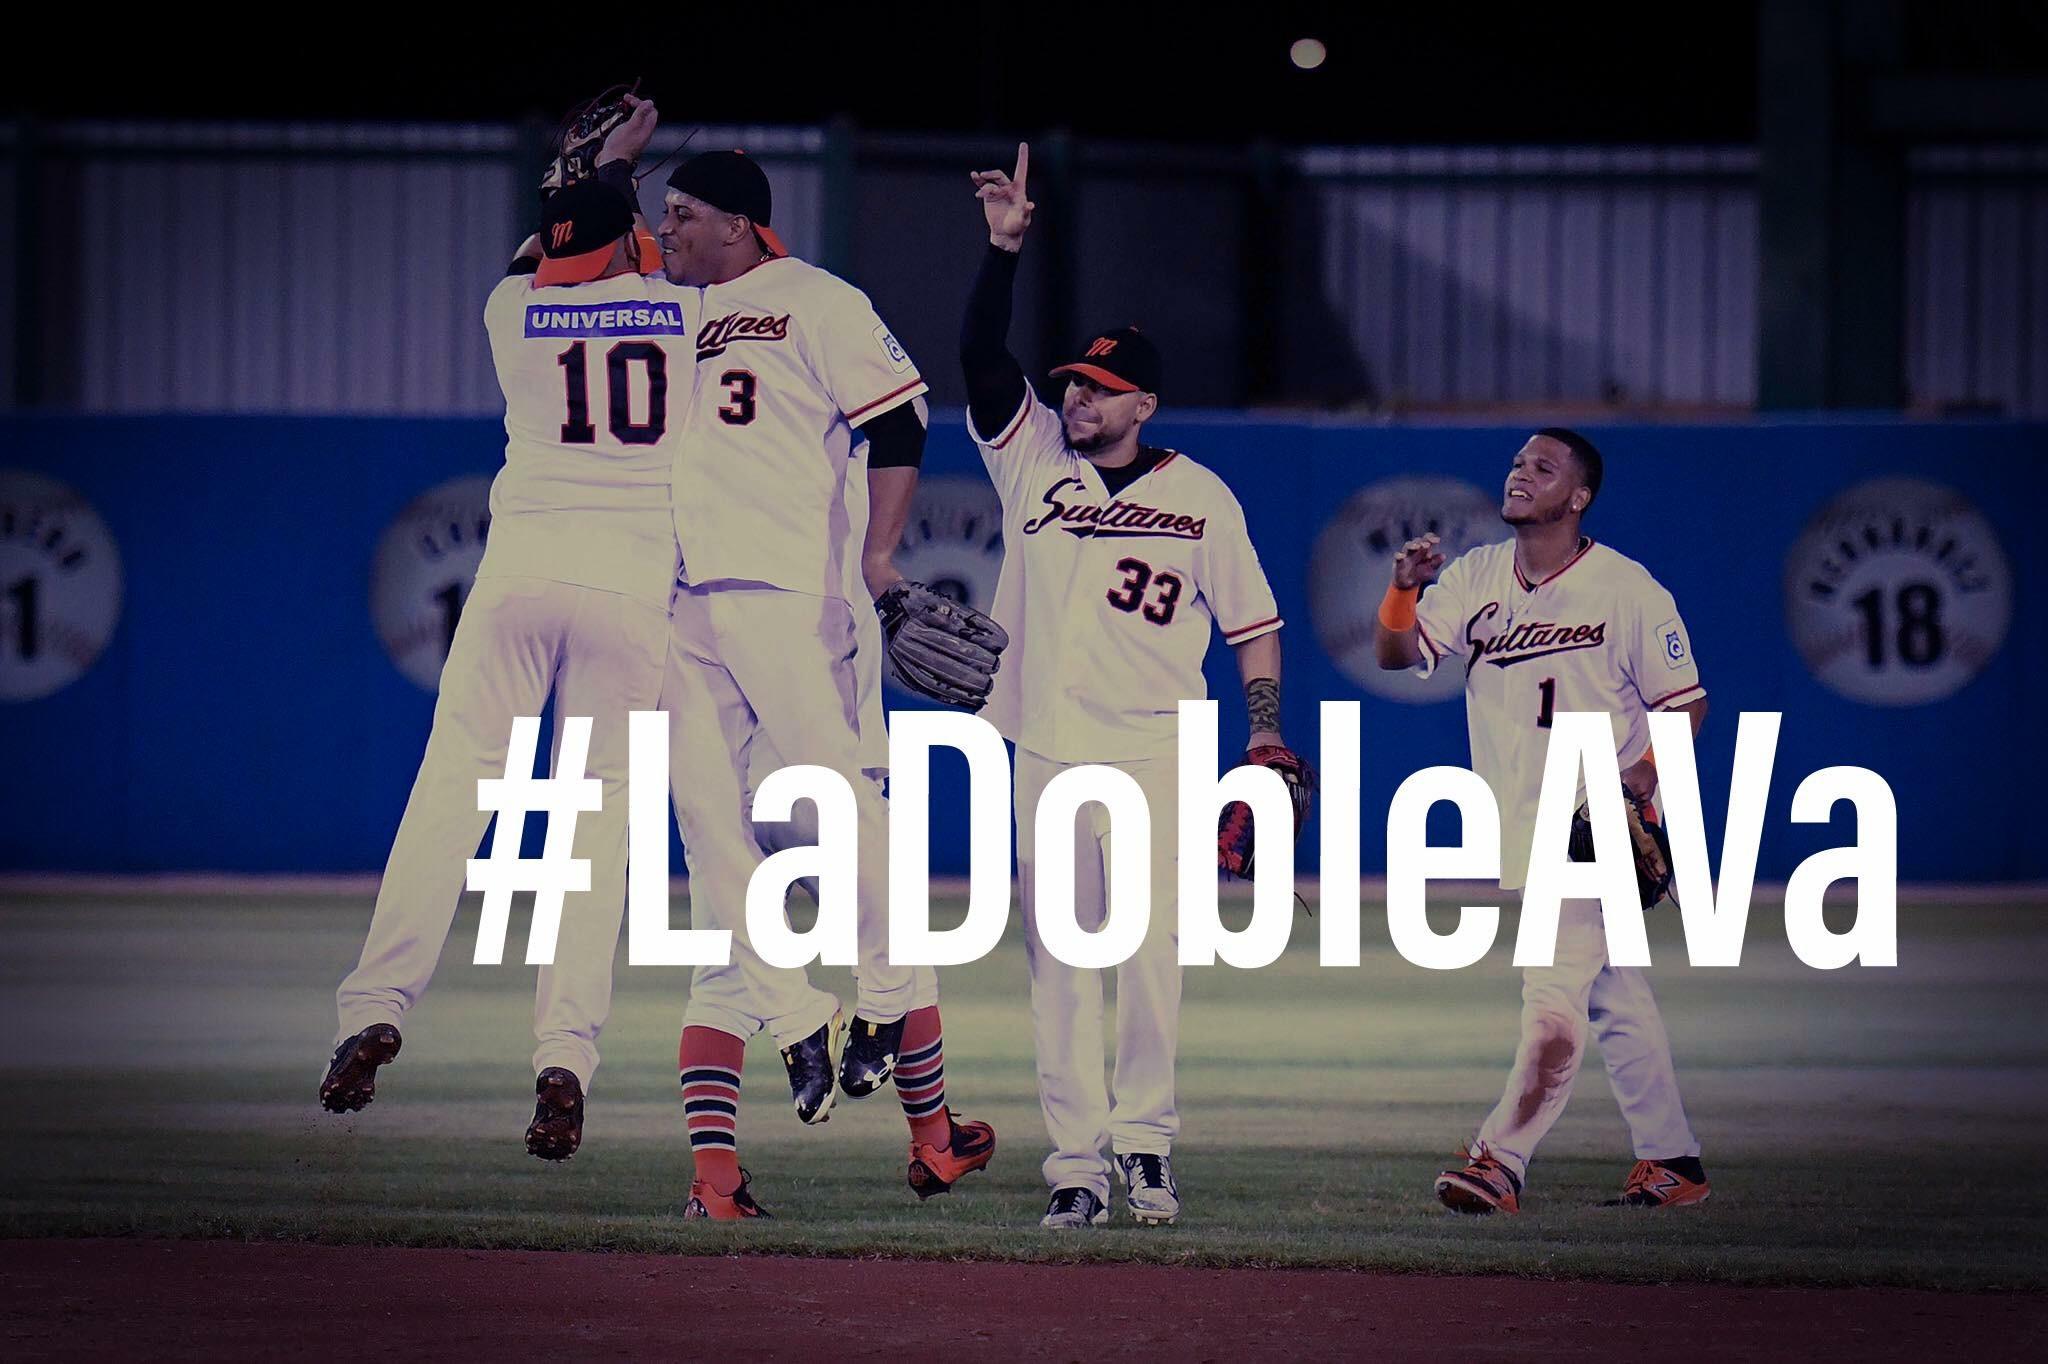 #LaDobleAVa